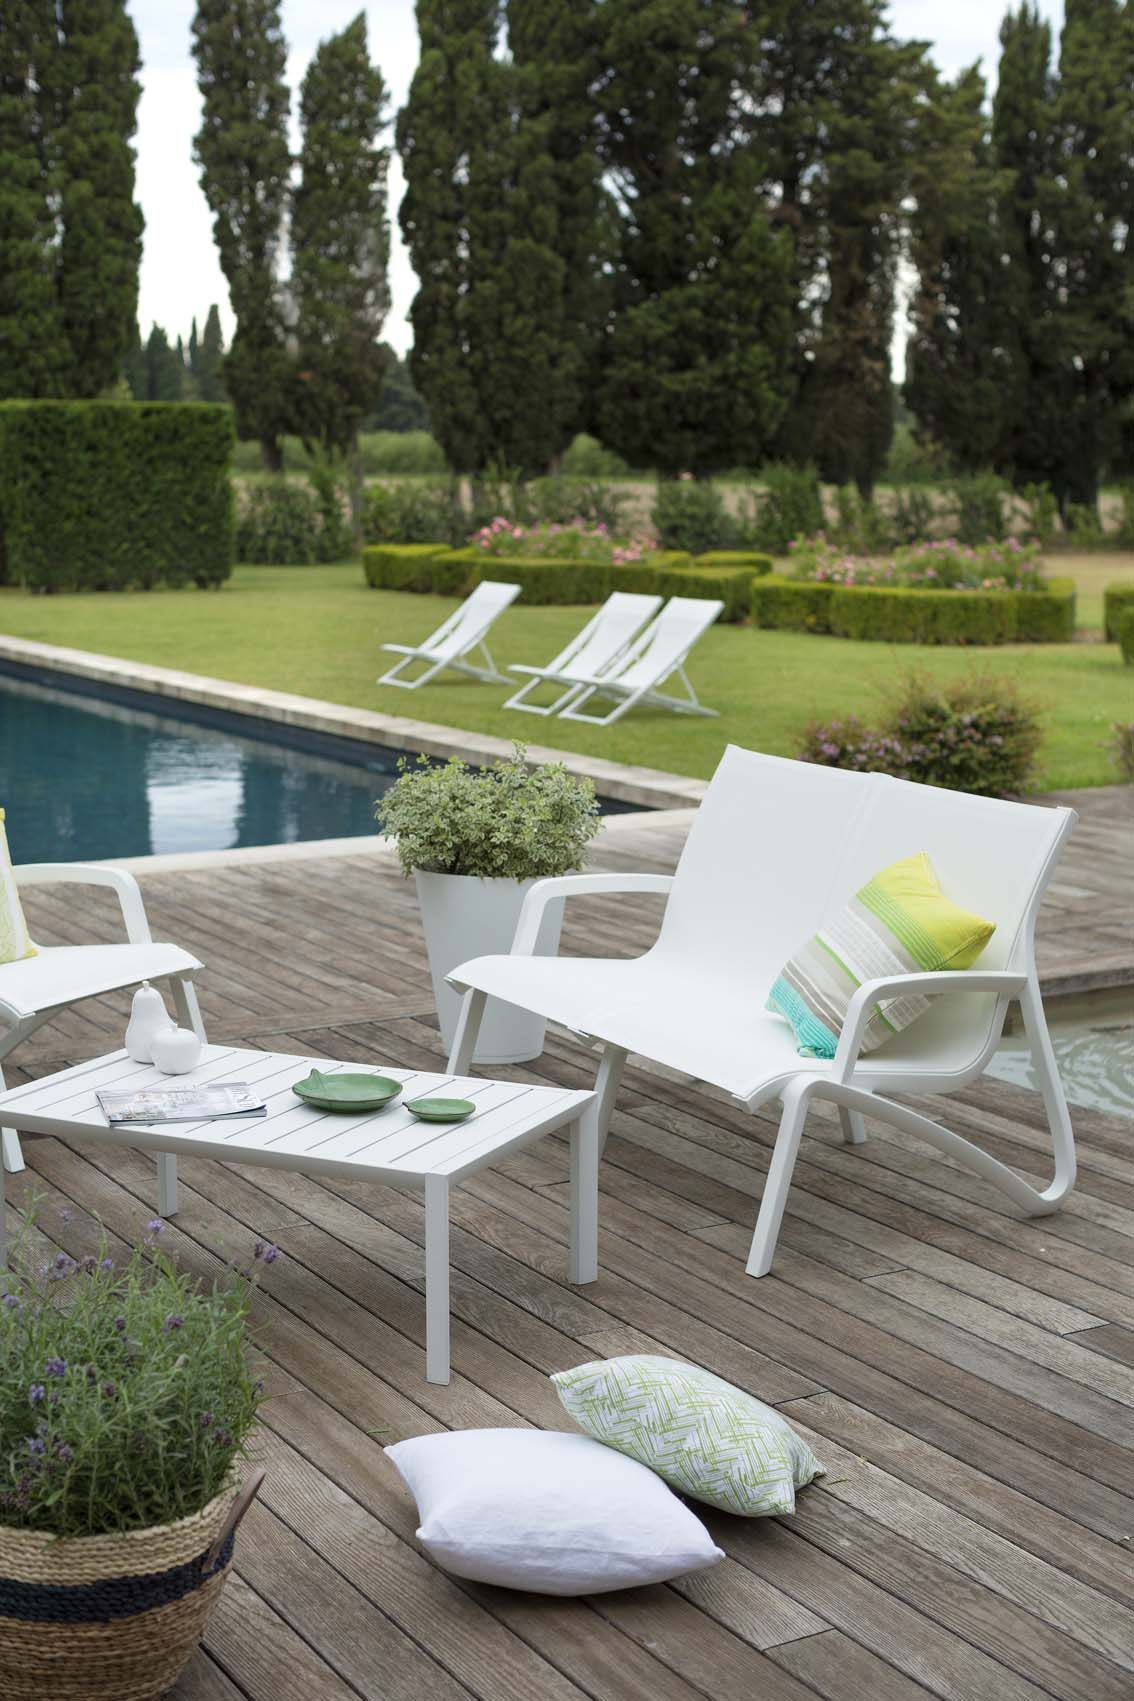 d tente au bord de la piscine esprit lounge pour ce salon de jardin l gant et confortable qui